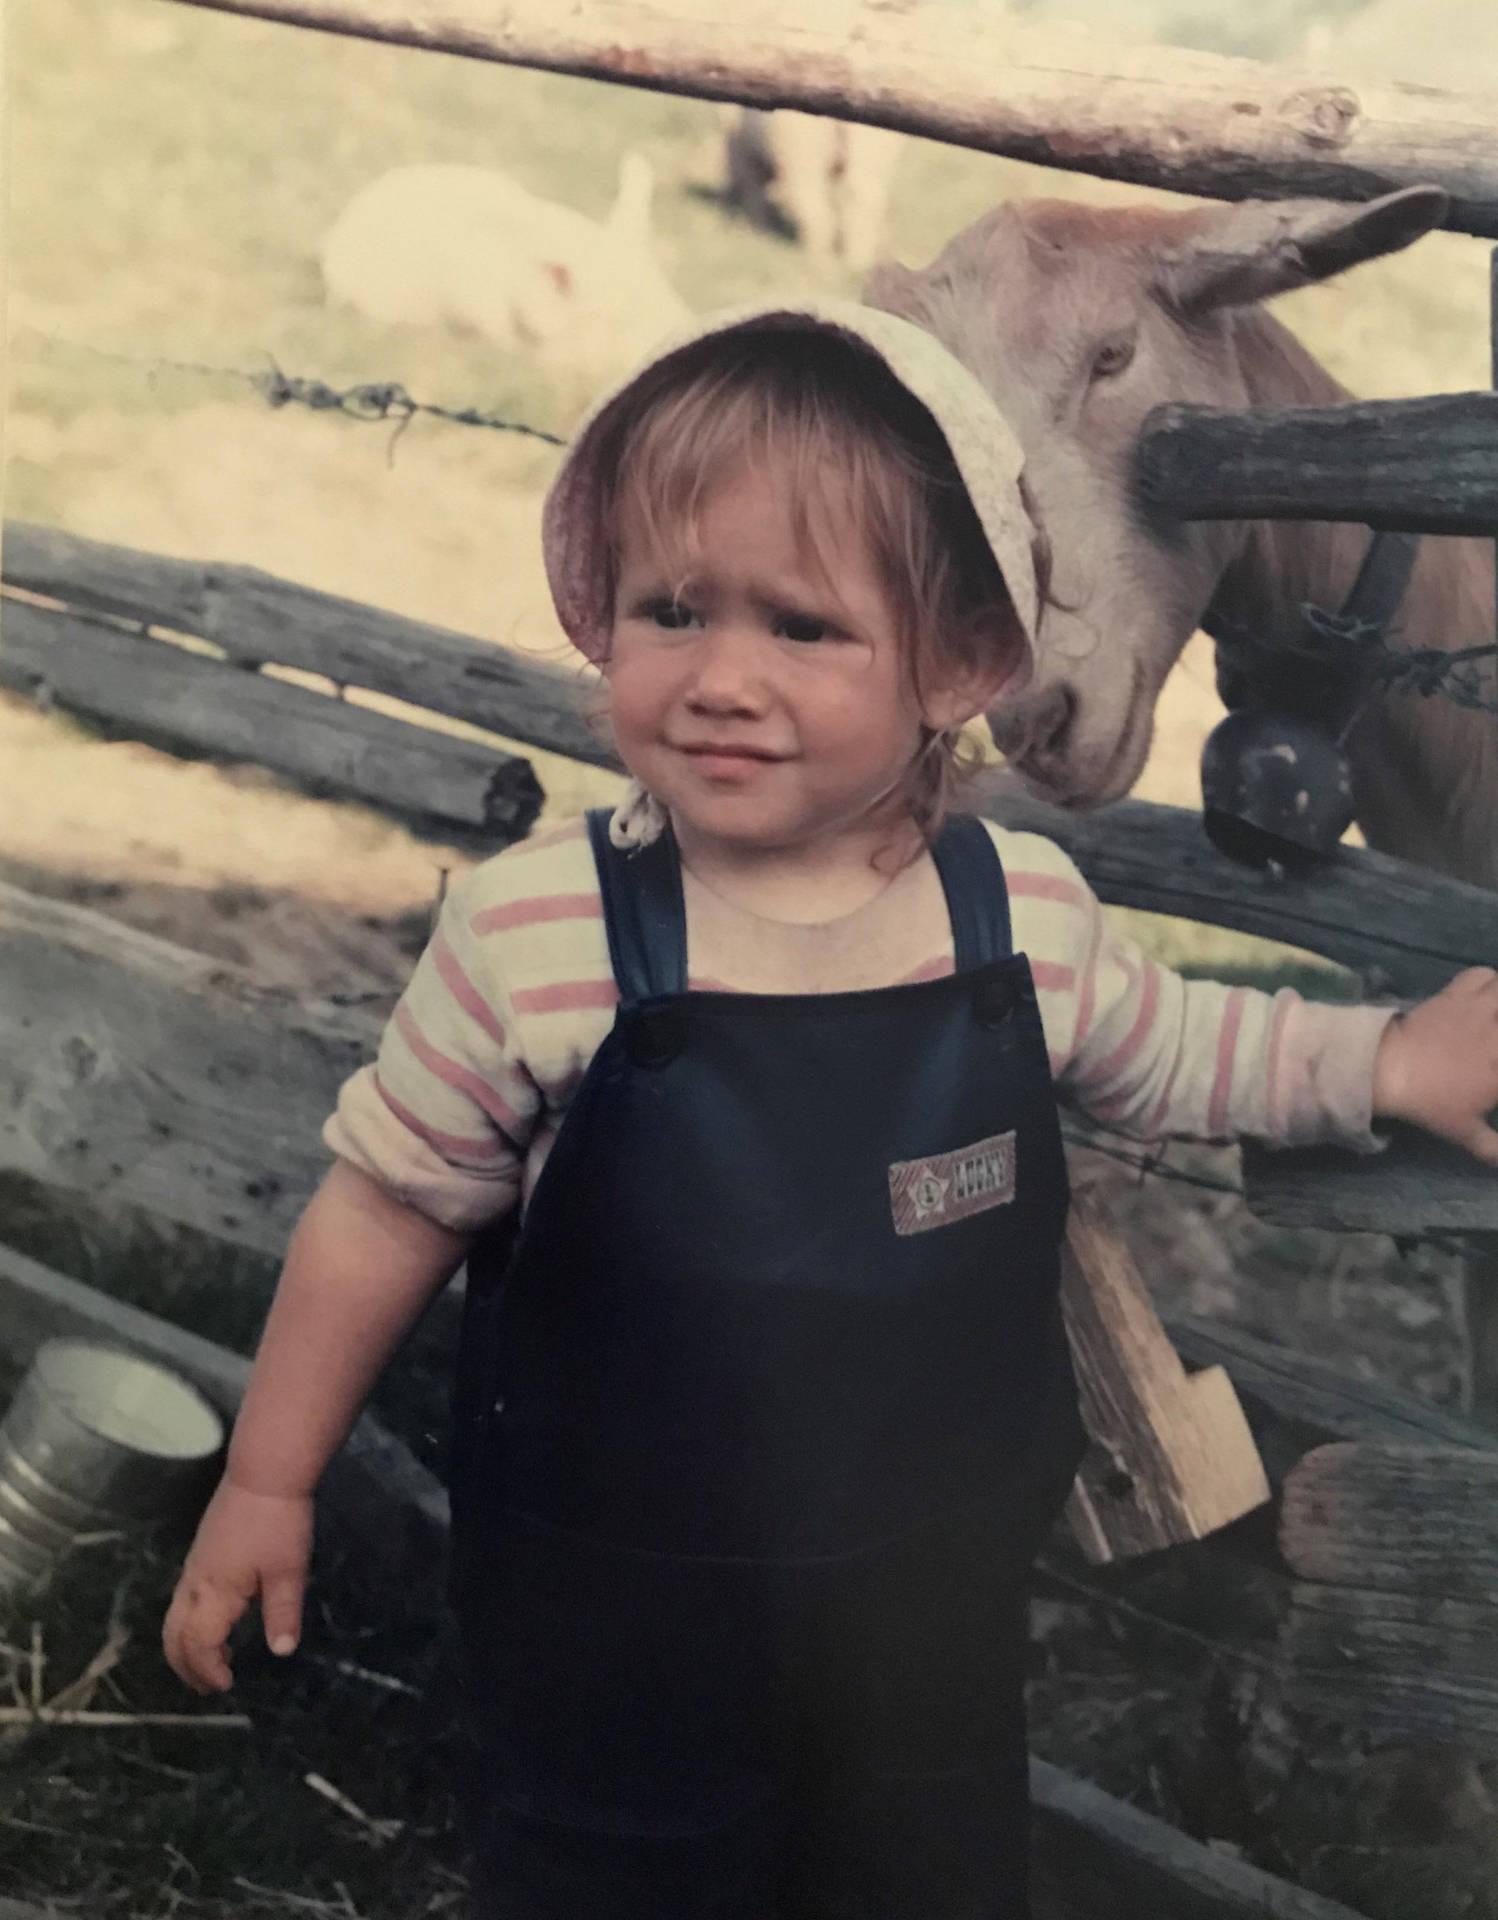 女作者在阿尔卑斯山上,1985年